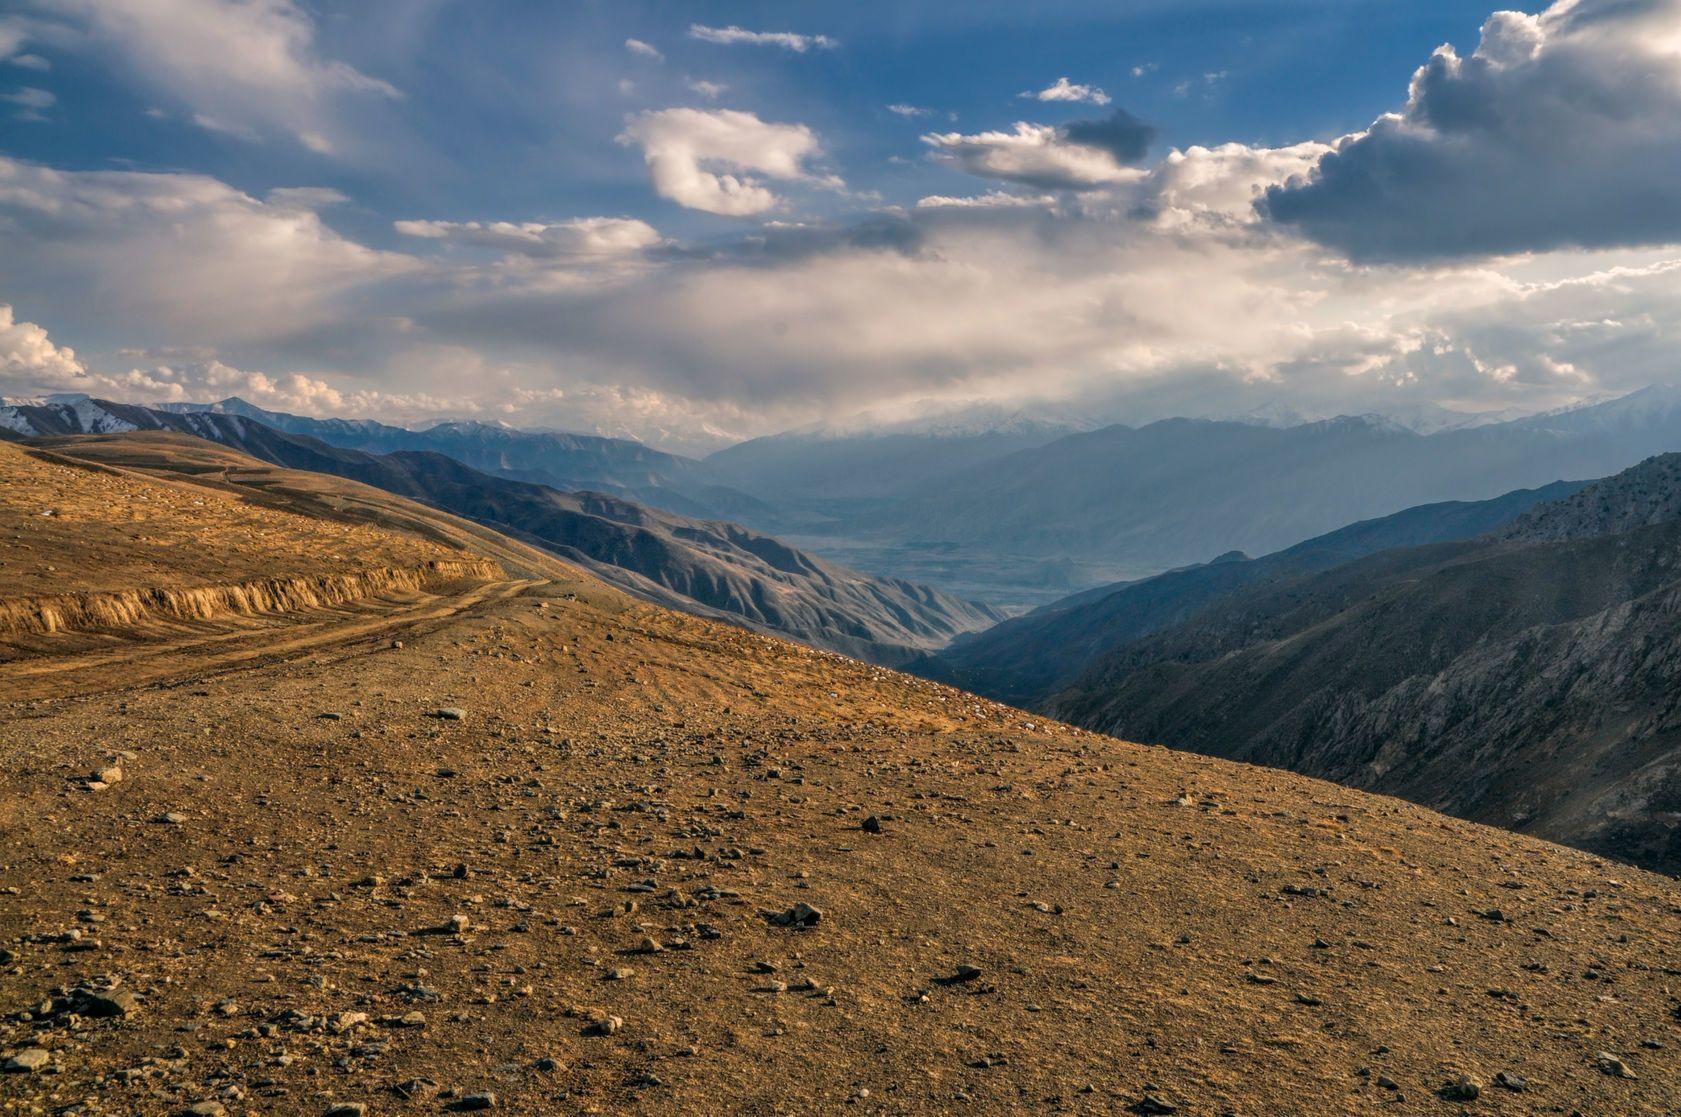 Krajina v Afghánistánu | michalknitl/123RF.com